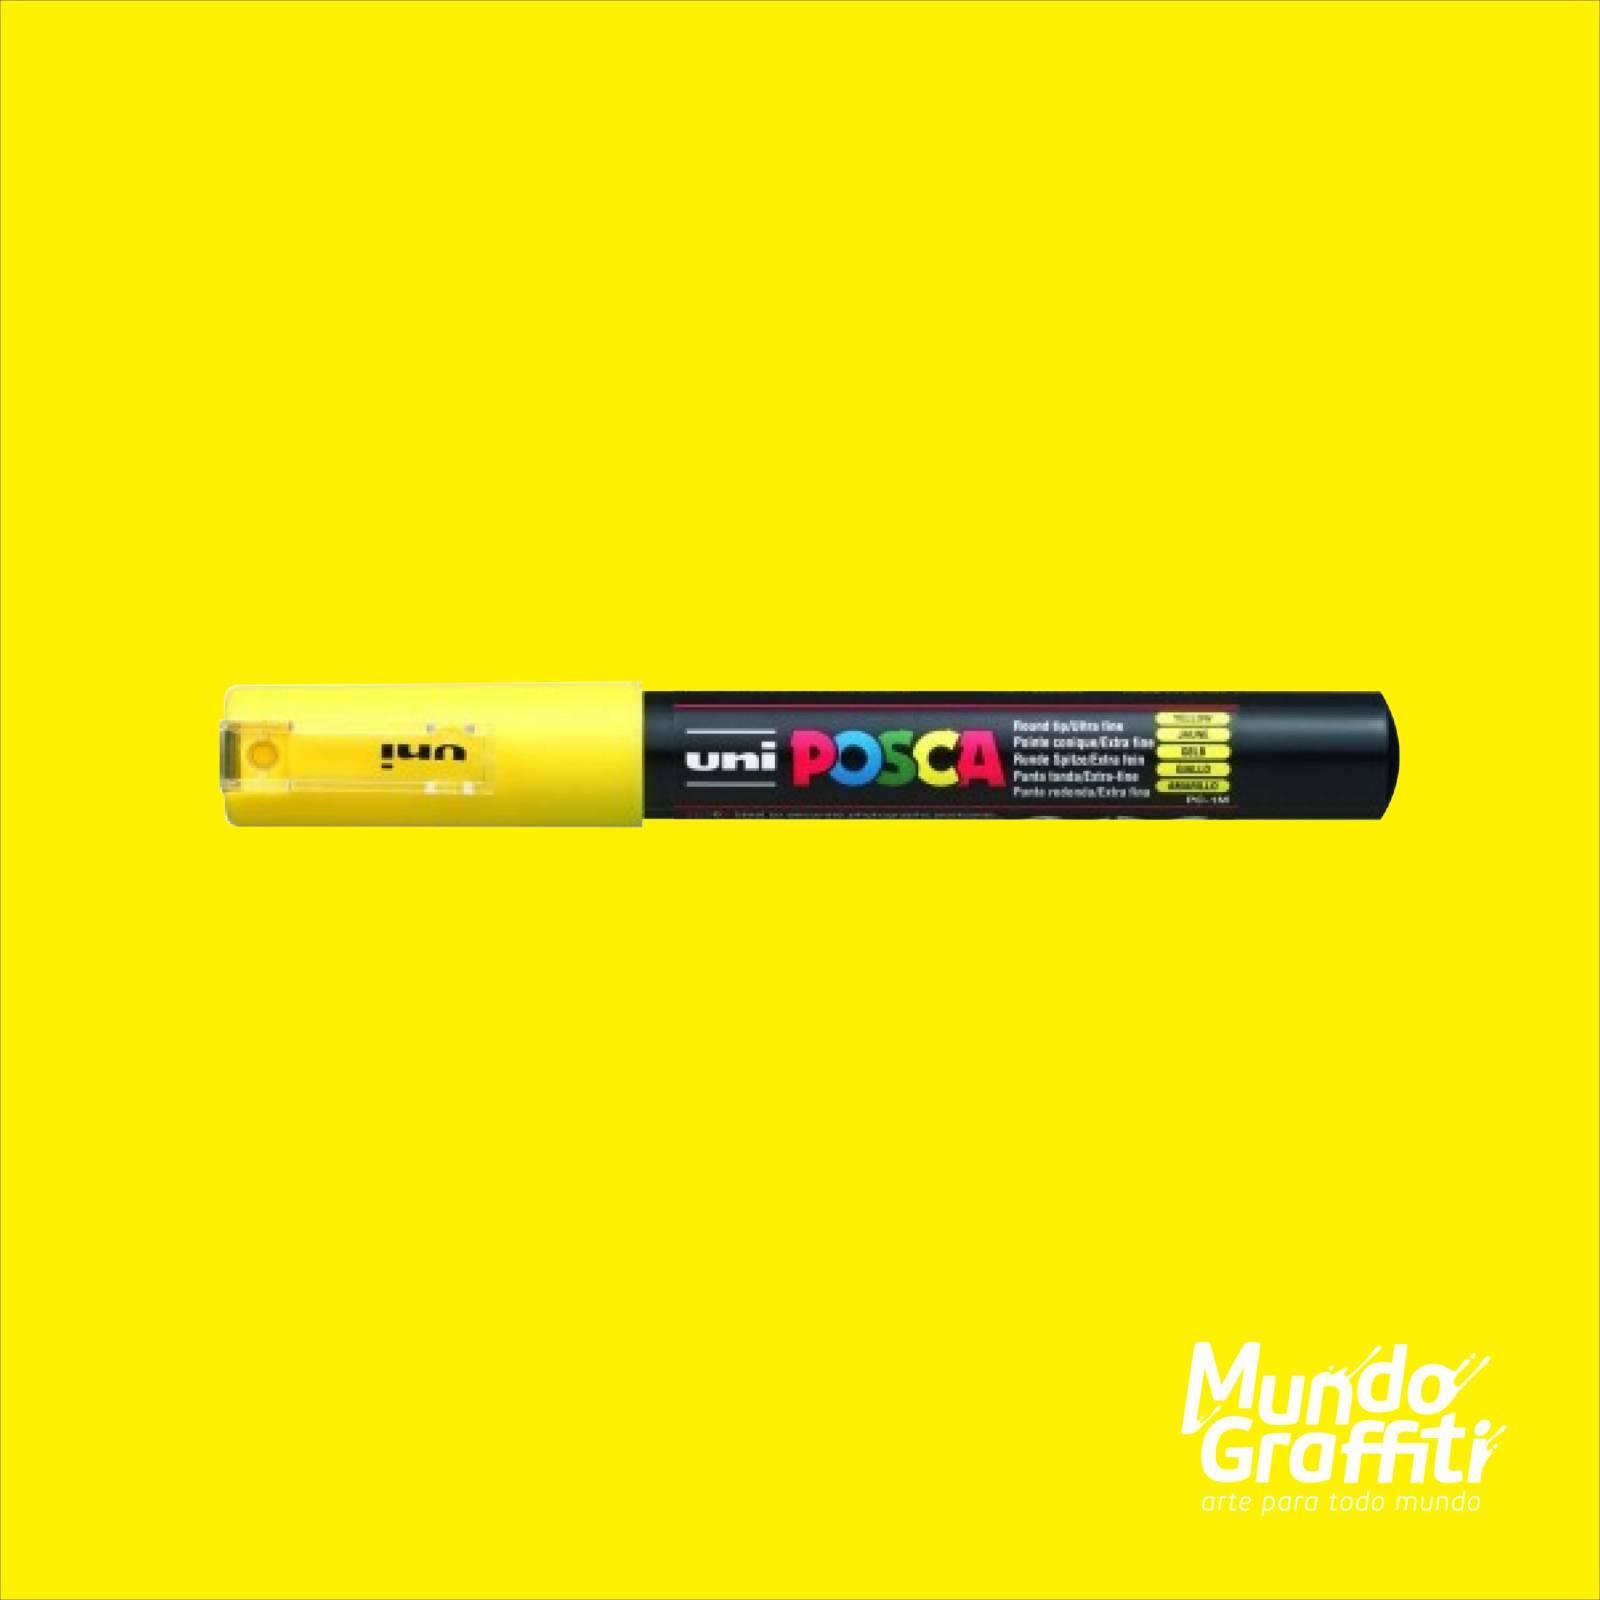 Caneta Posca 1M Amarelo - Mundo Graffiti